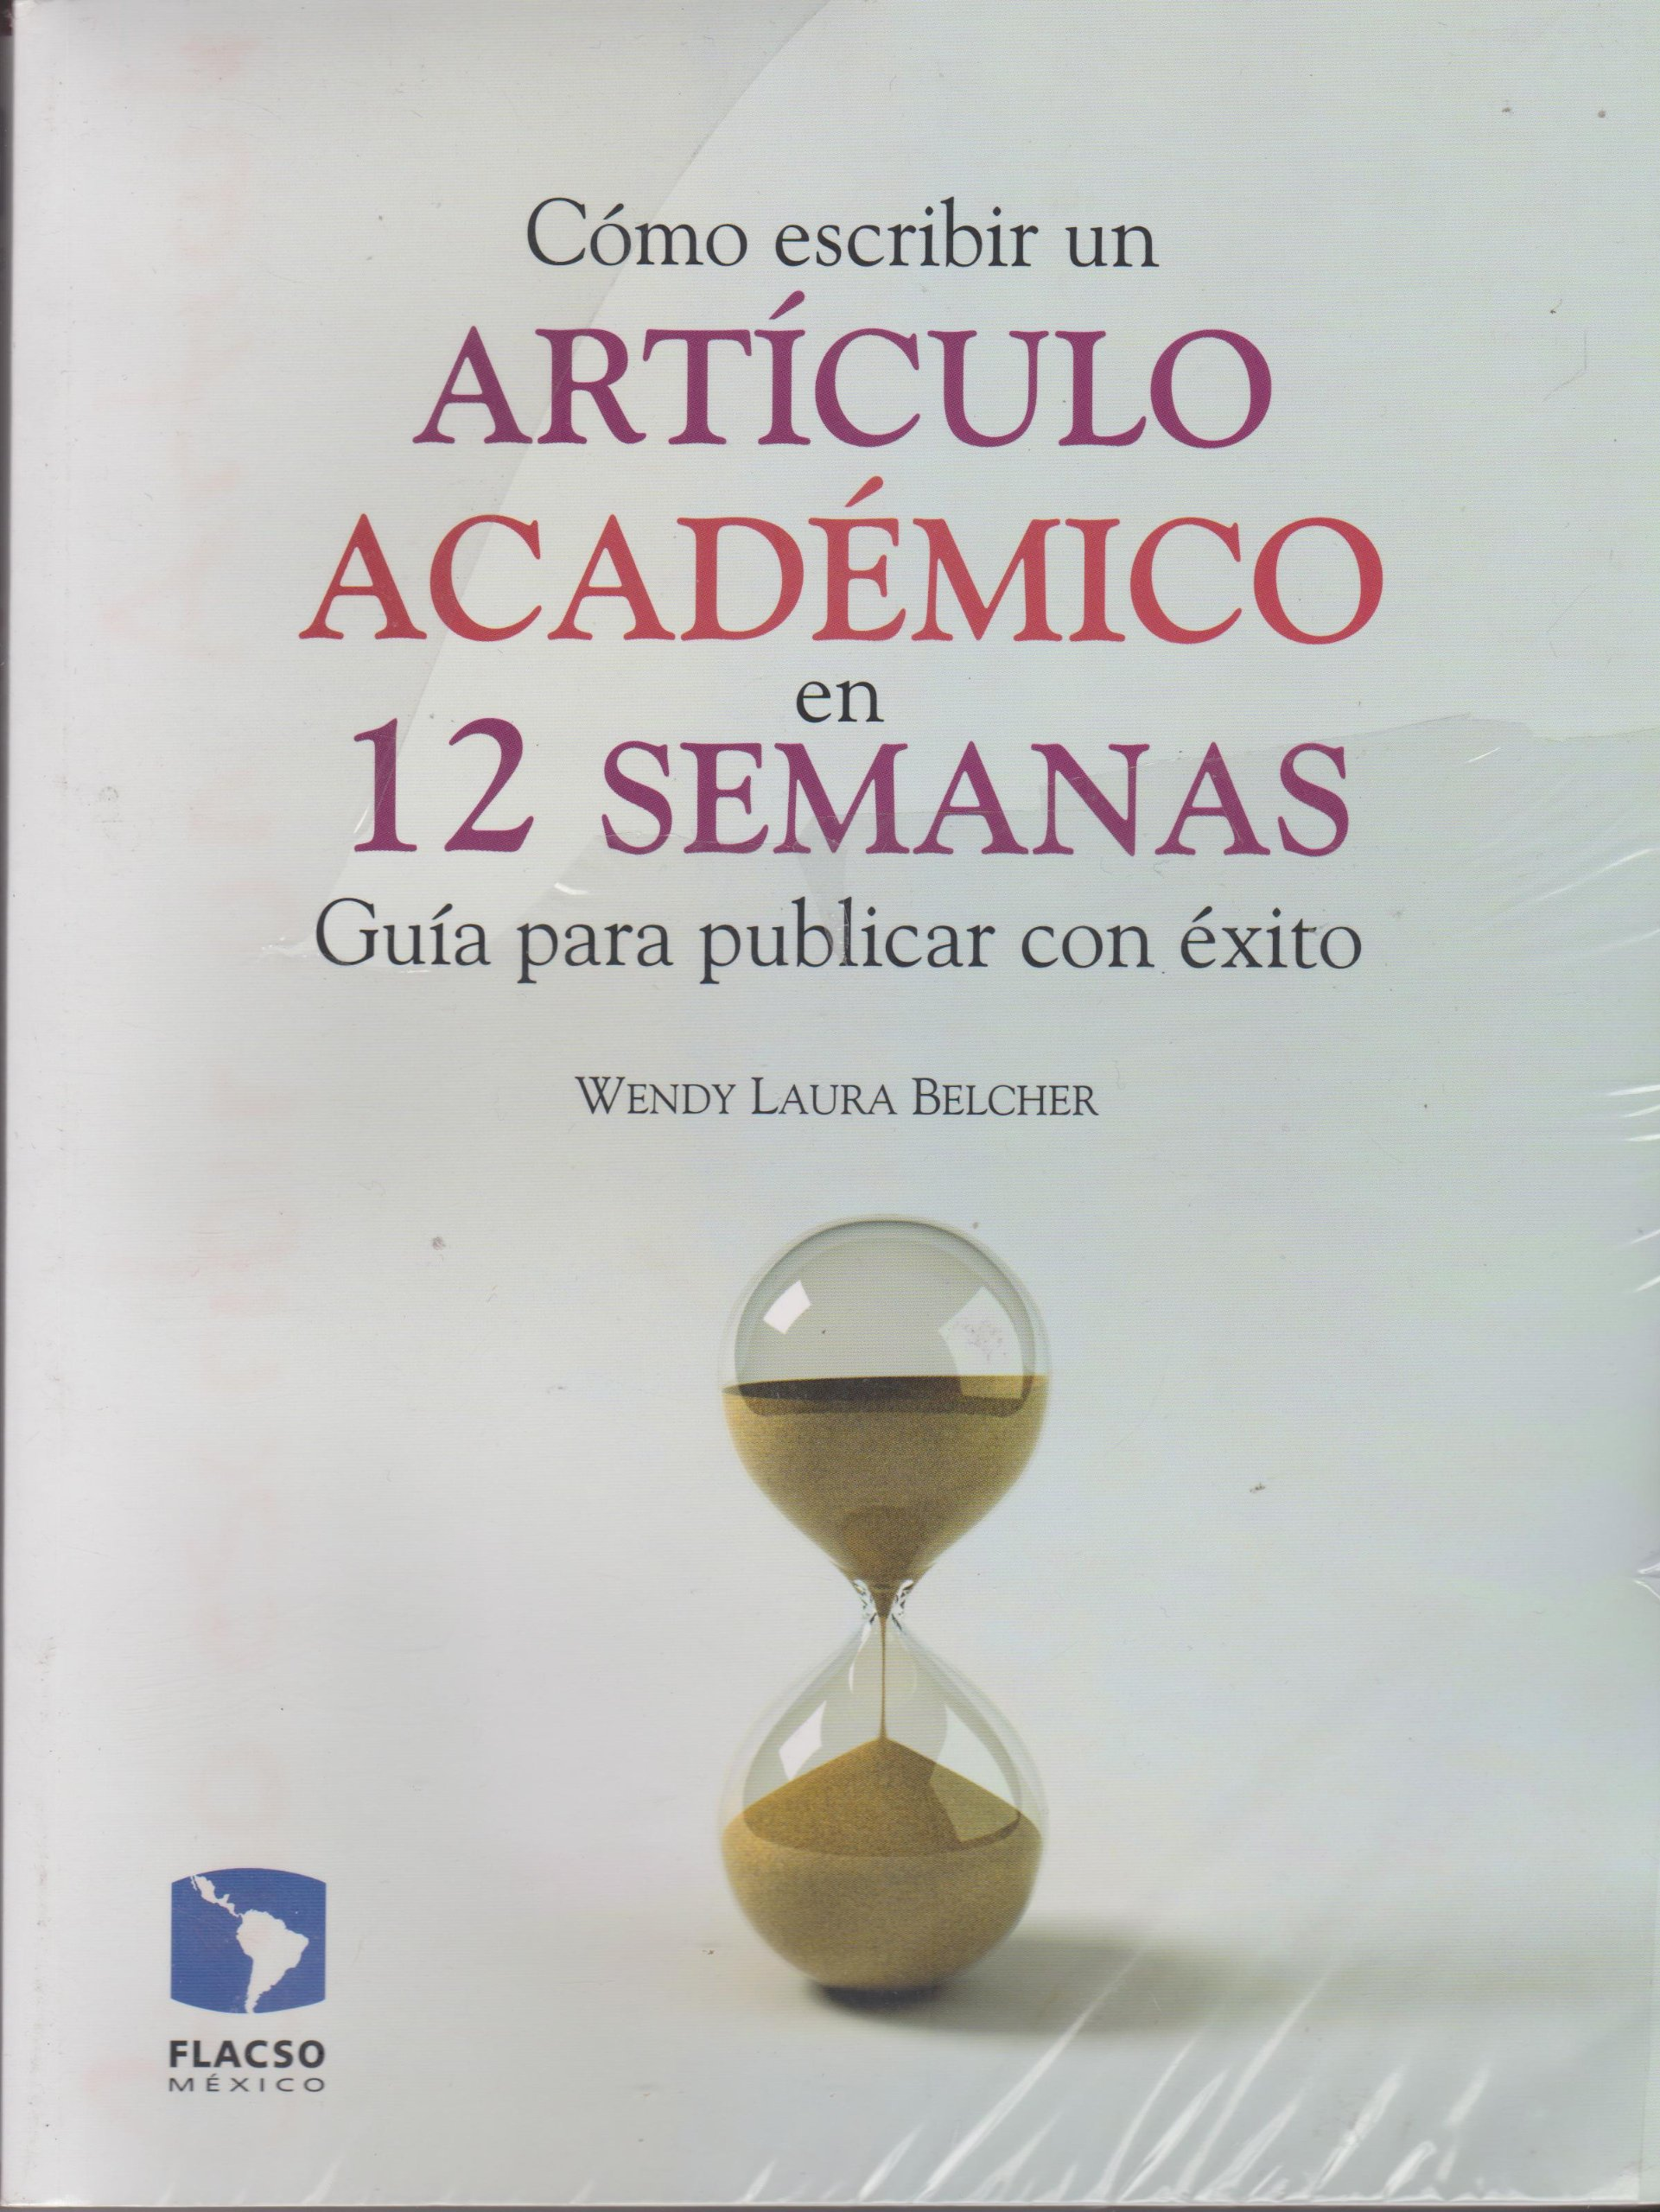 Como escribir un articulo academico en 12 semanas. Guia para publicar con exito (Spanish Edition) PDF